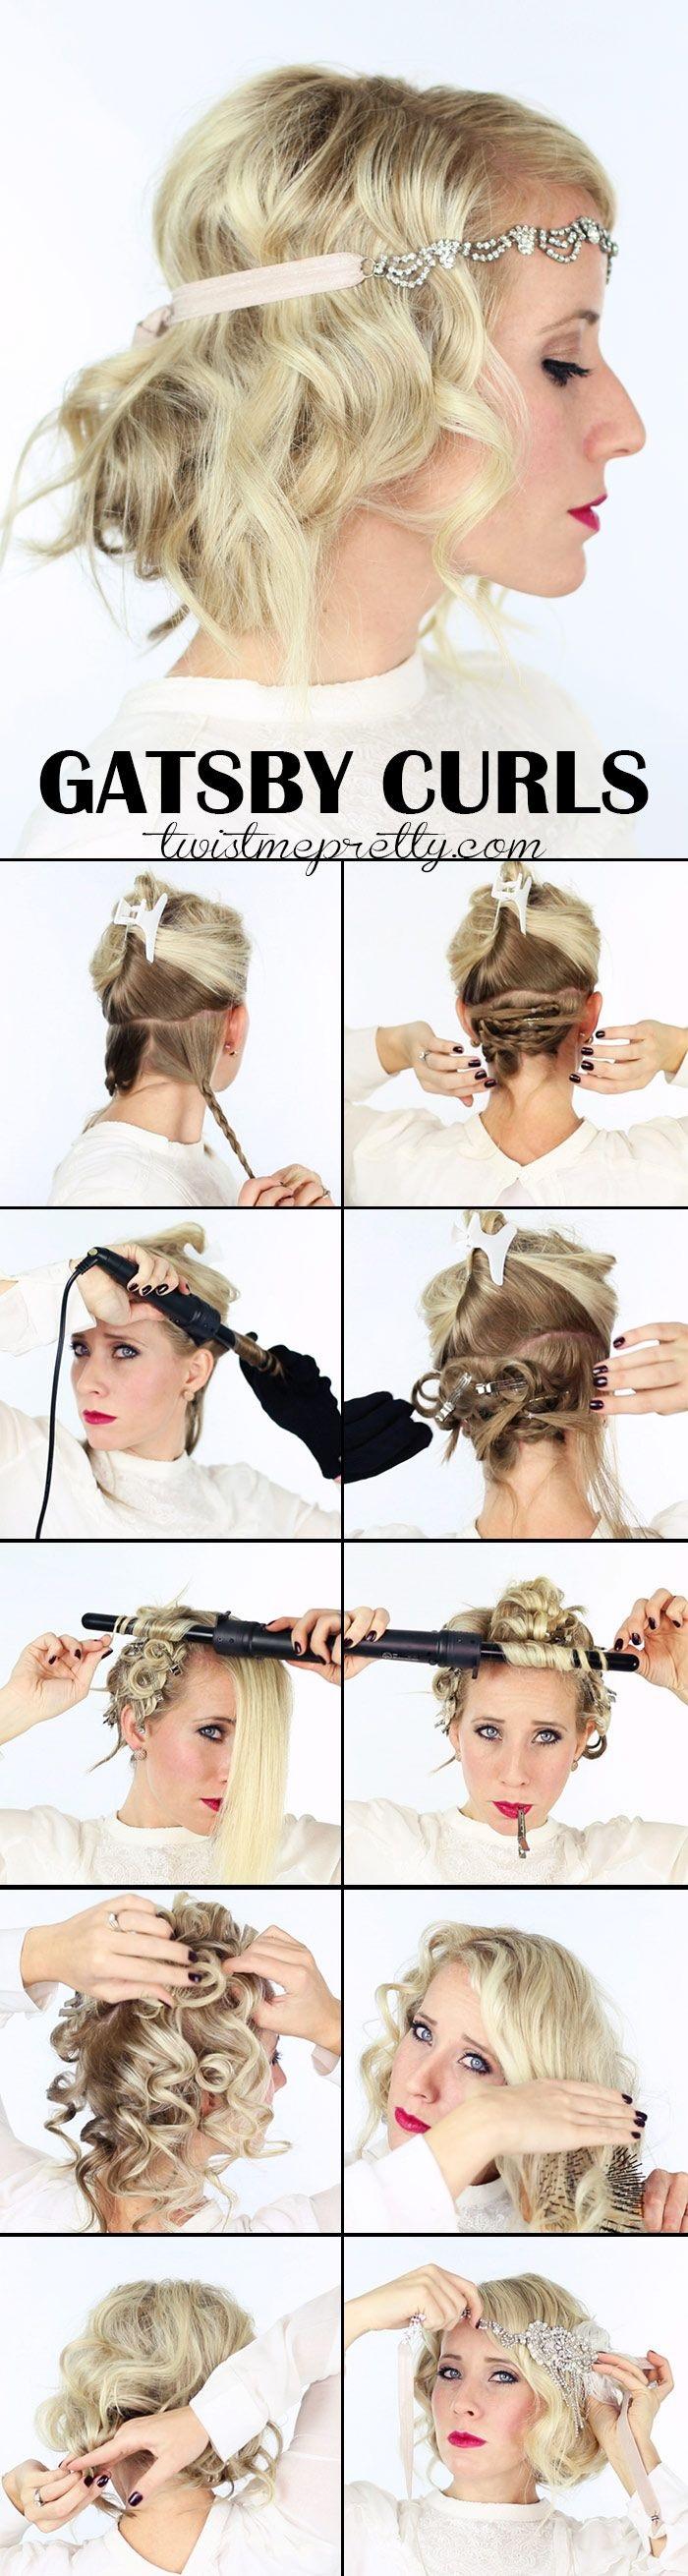 coiffure-soirées-4